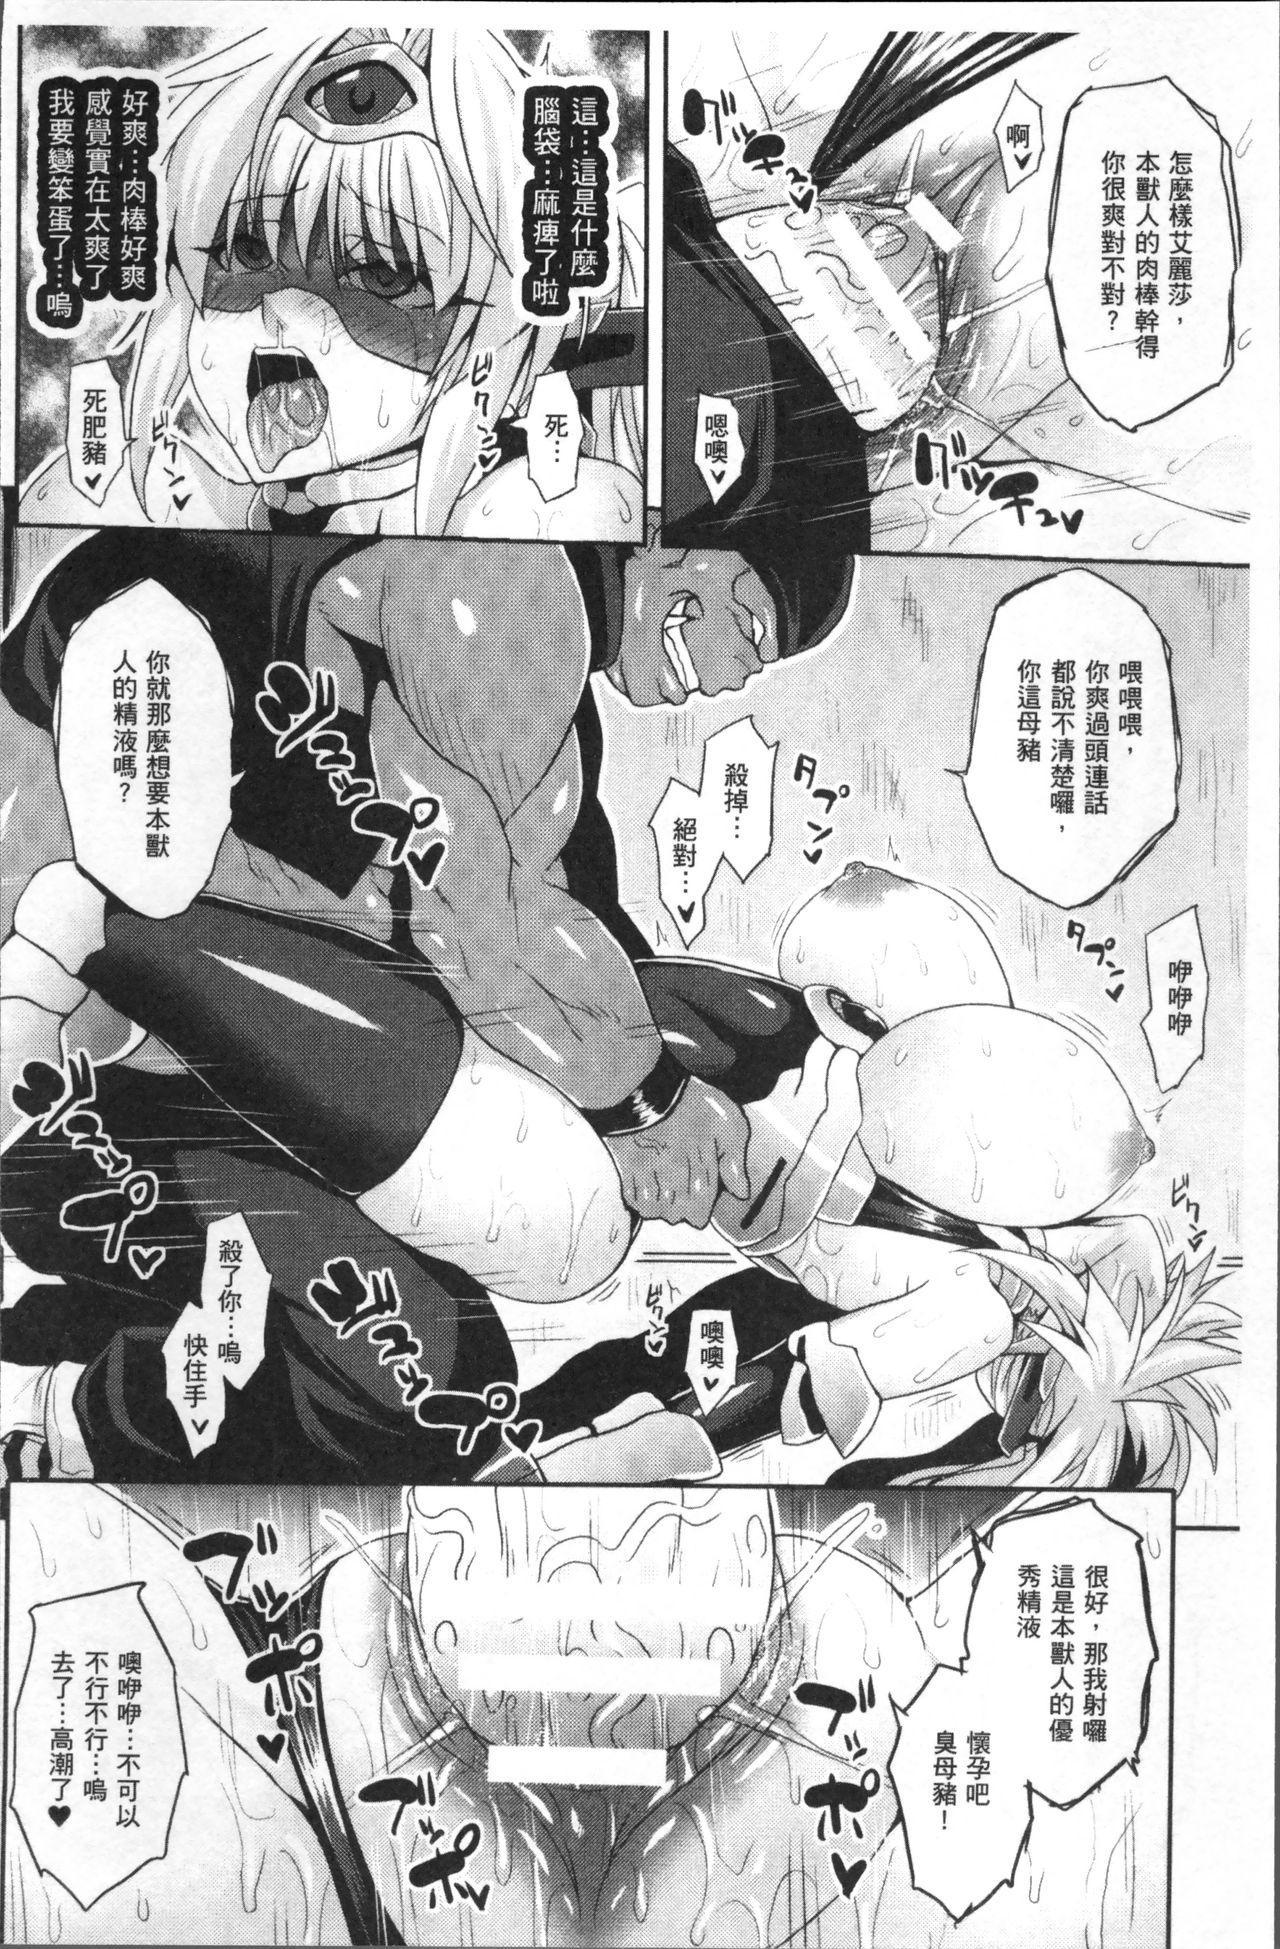 Bessatsu Comic Unreal Ningen Bokujou Hen 4 83